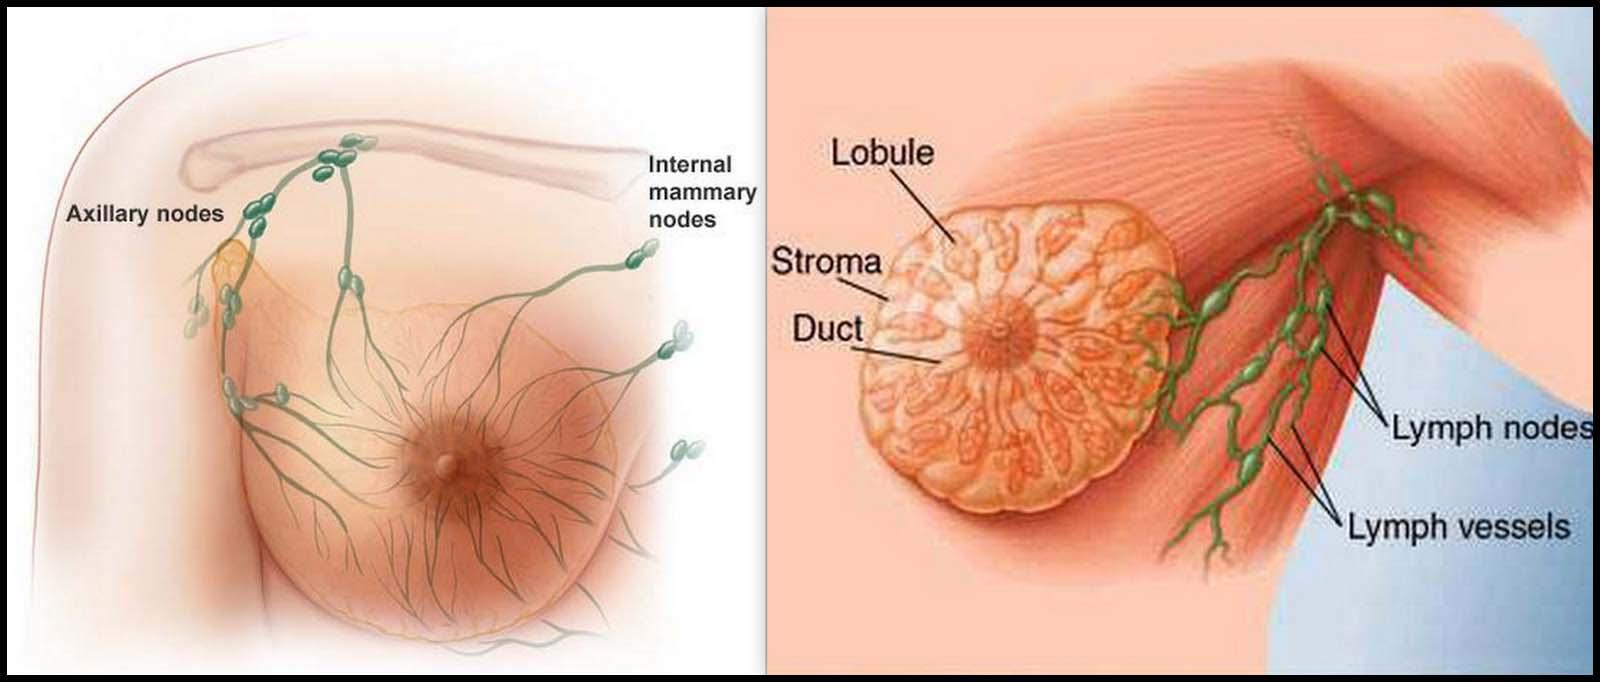 Image Obat Alami Untuk Menyembuhkan Penyakit Kanker Payudara